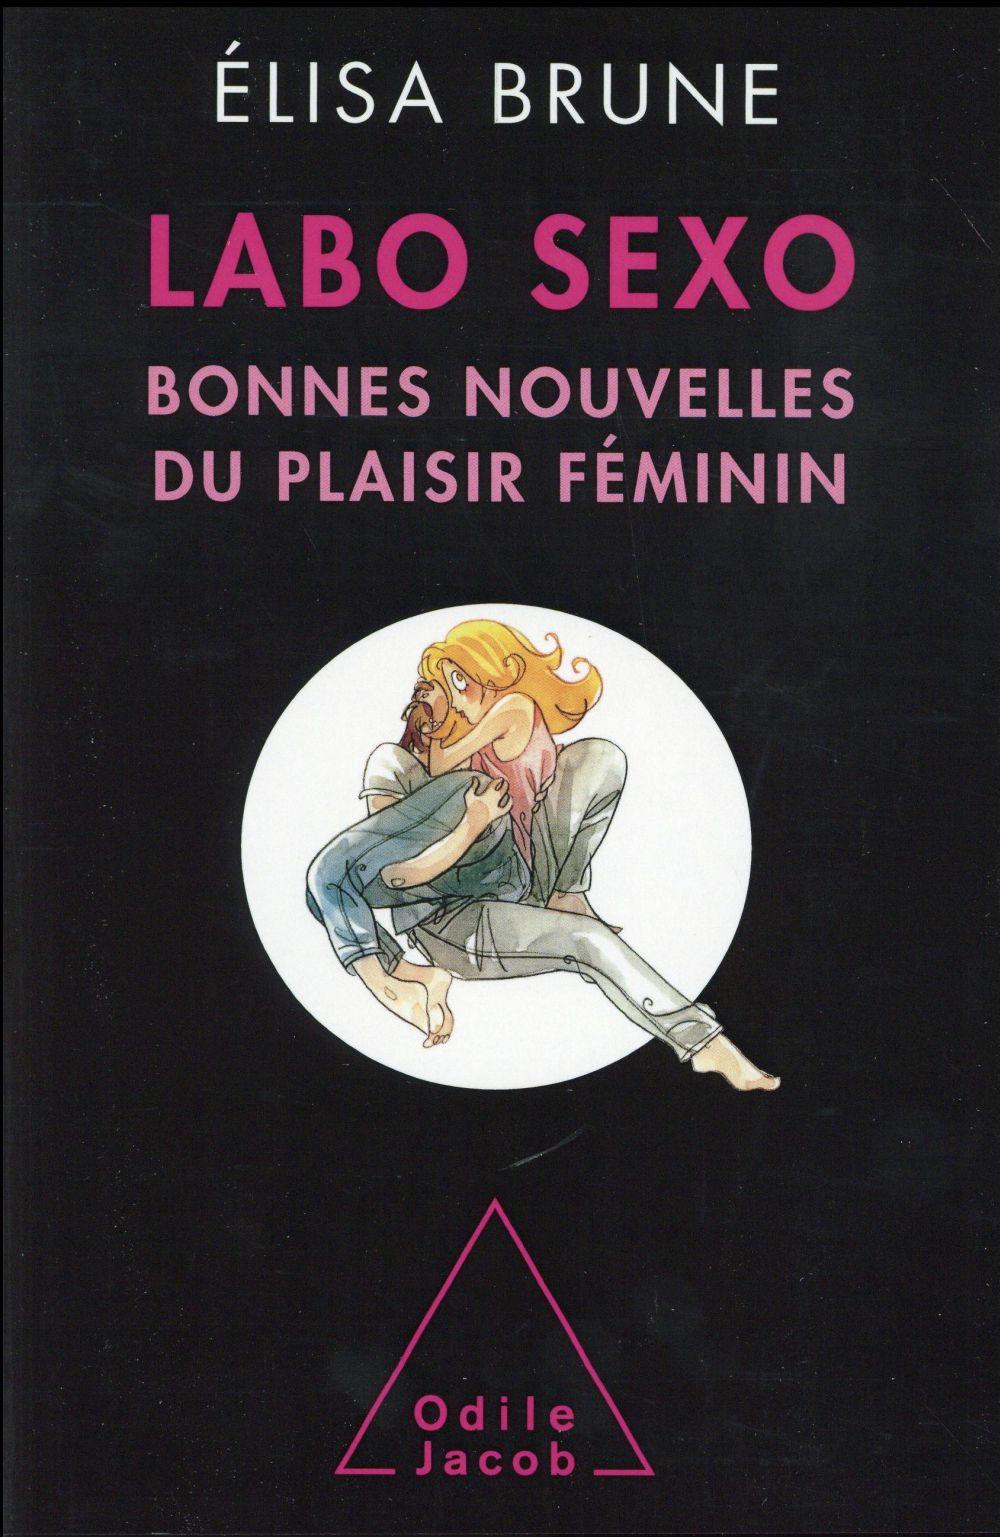 LABO SEXO - BONNES NOUVELLES DU PLAISIR FEMININ